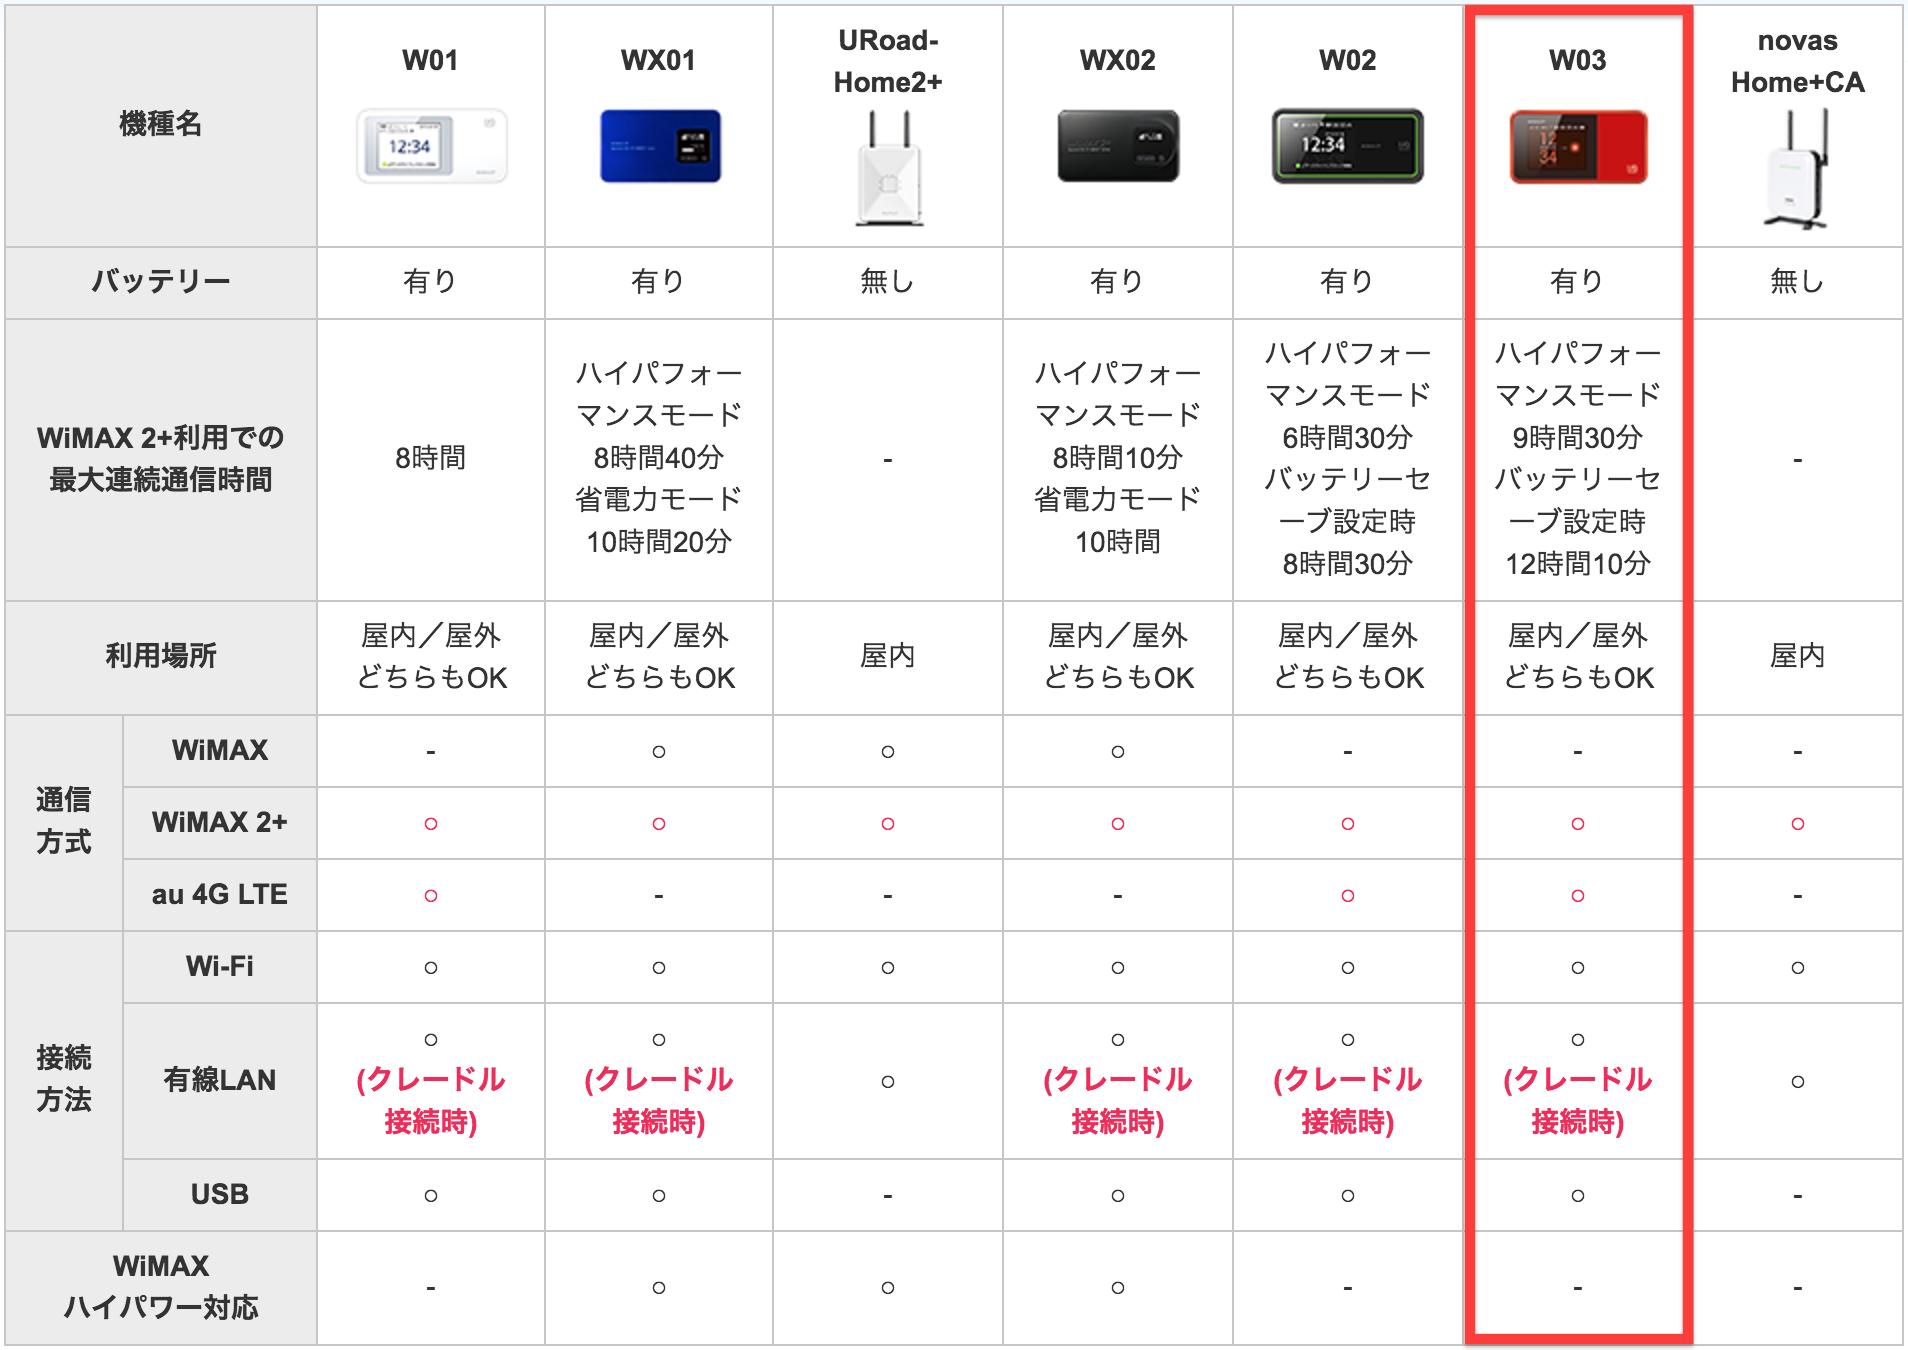 WiMAX お試し レンタル 機器比較 20161201